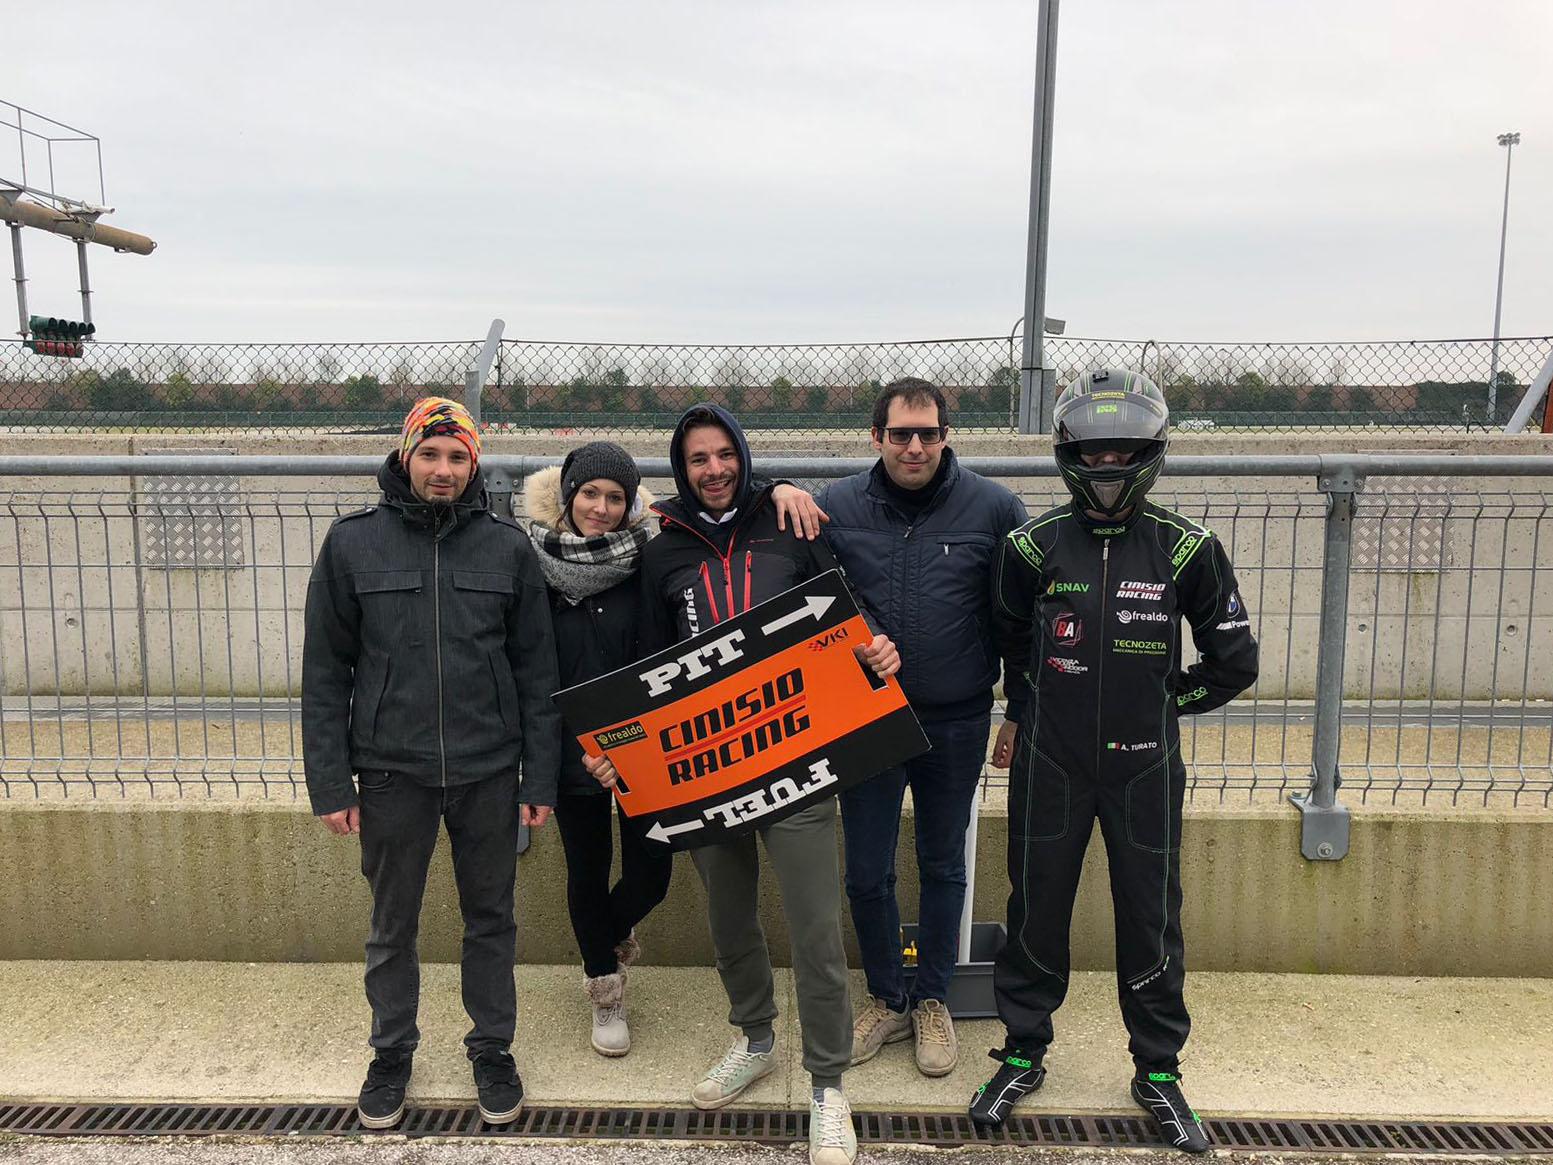 La squadra - 4h Lignano Cup, 10 marzo 2018